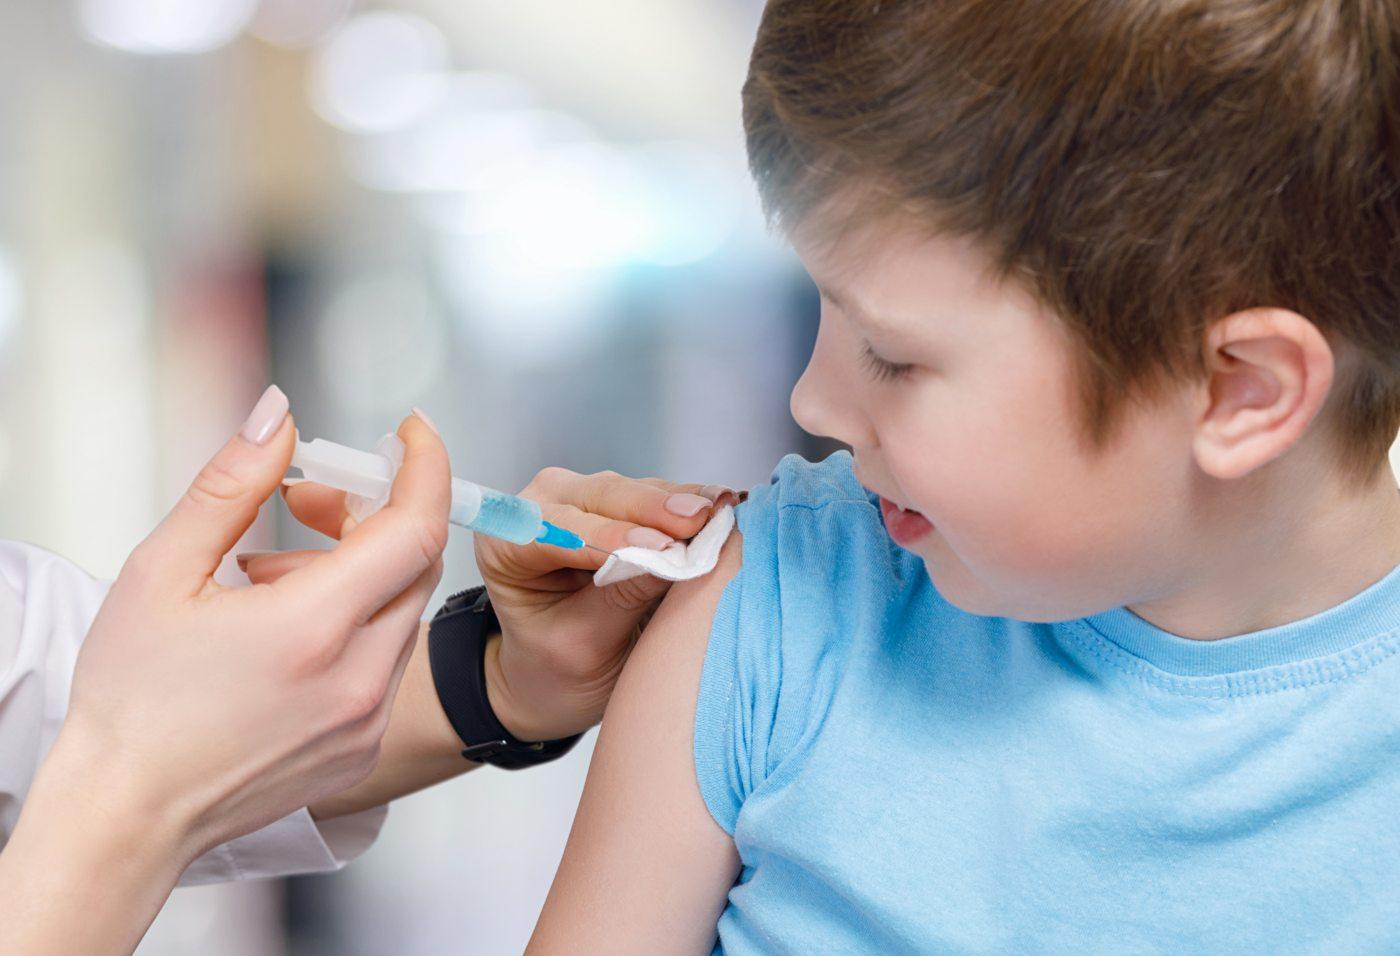 Plano Nacional de Vacinação com novas vacinas em 2020